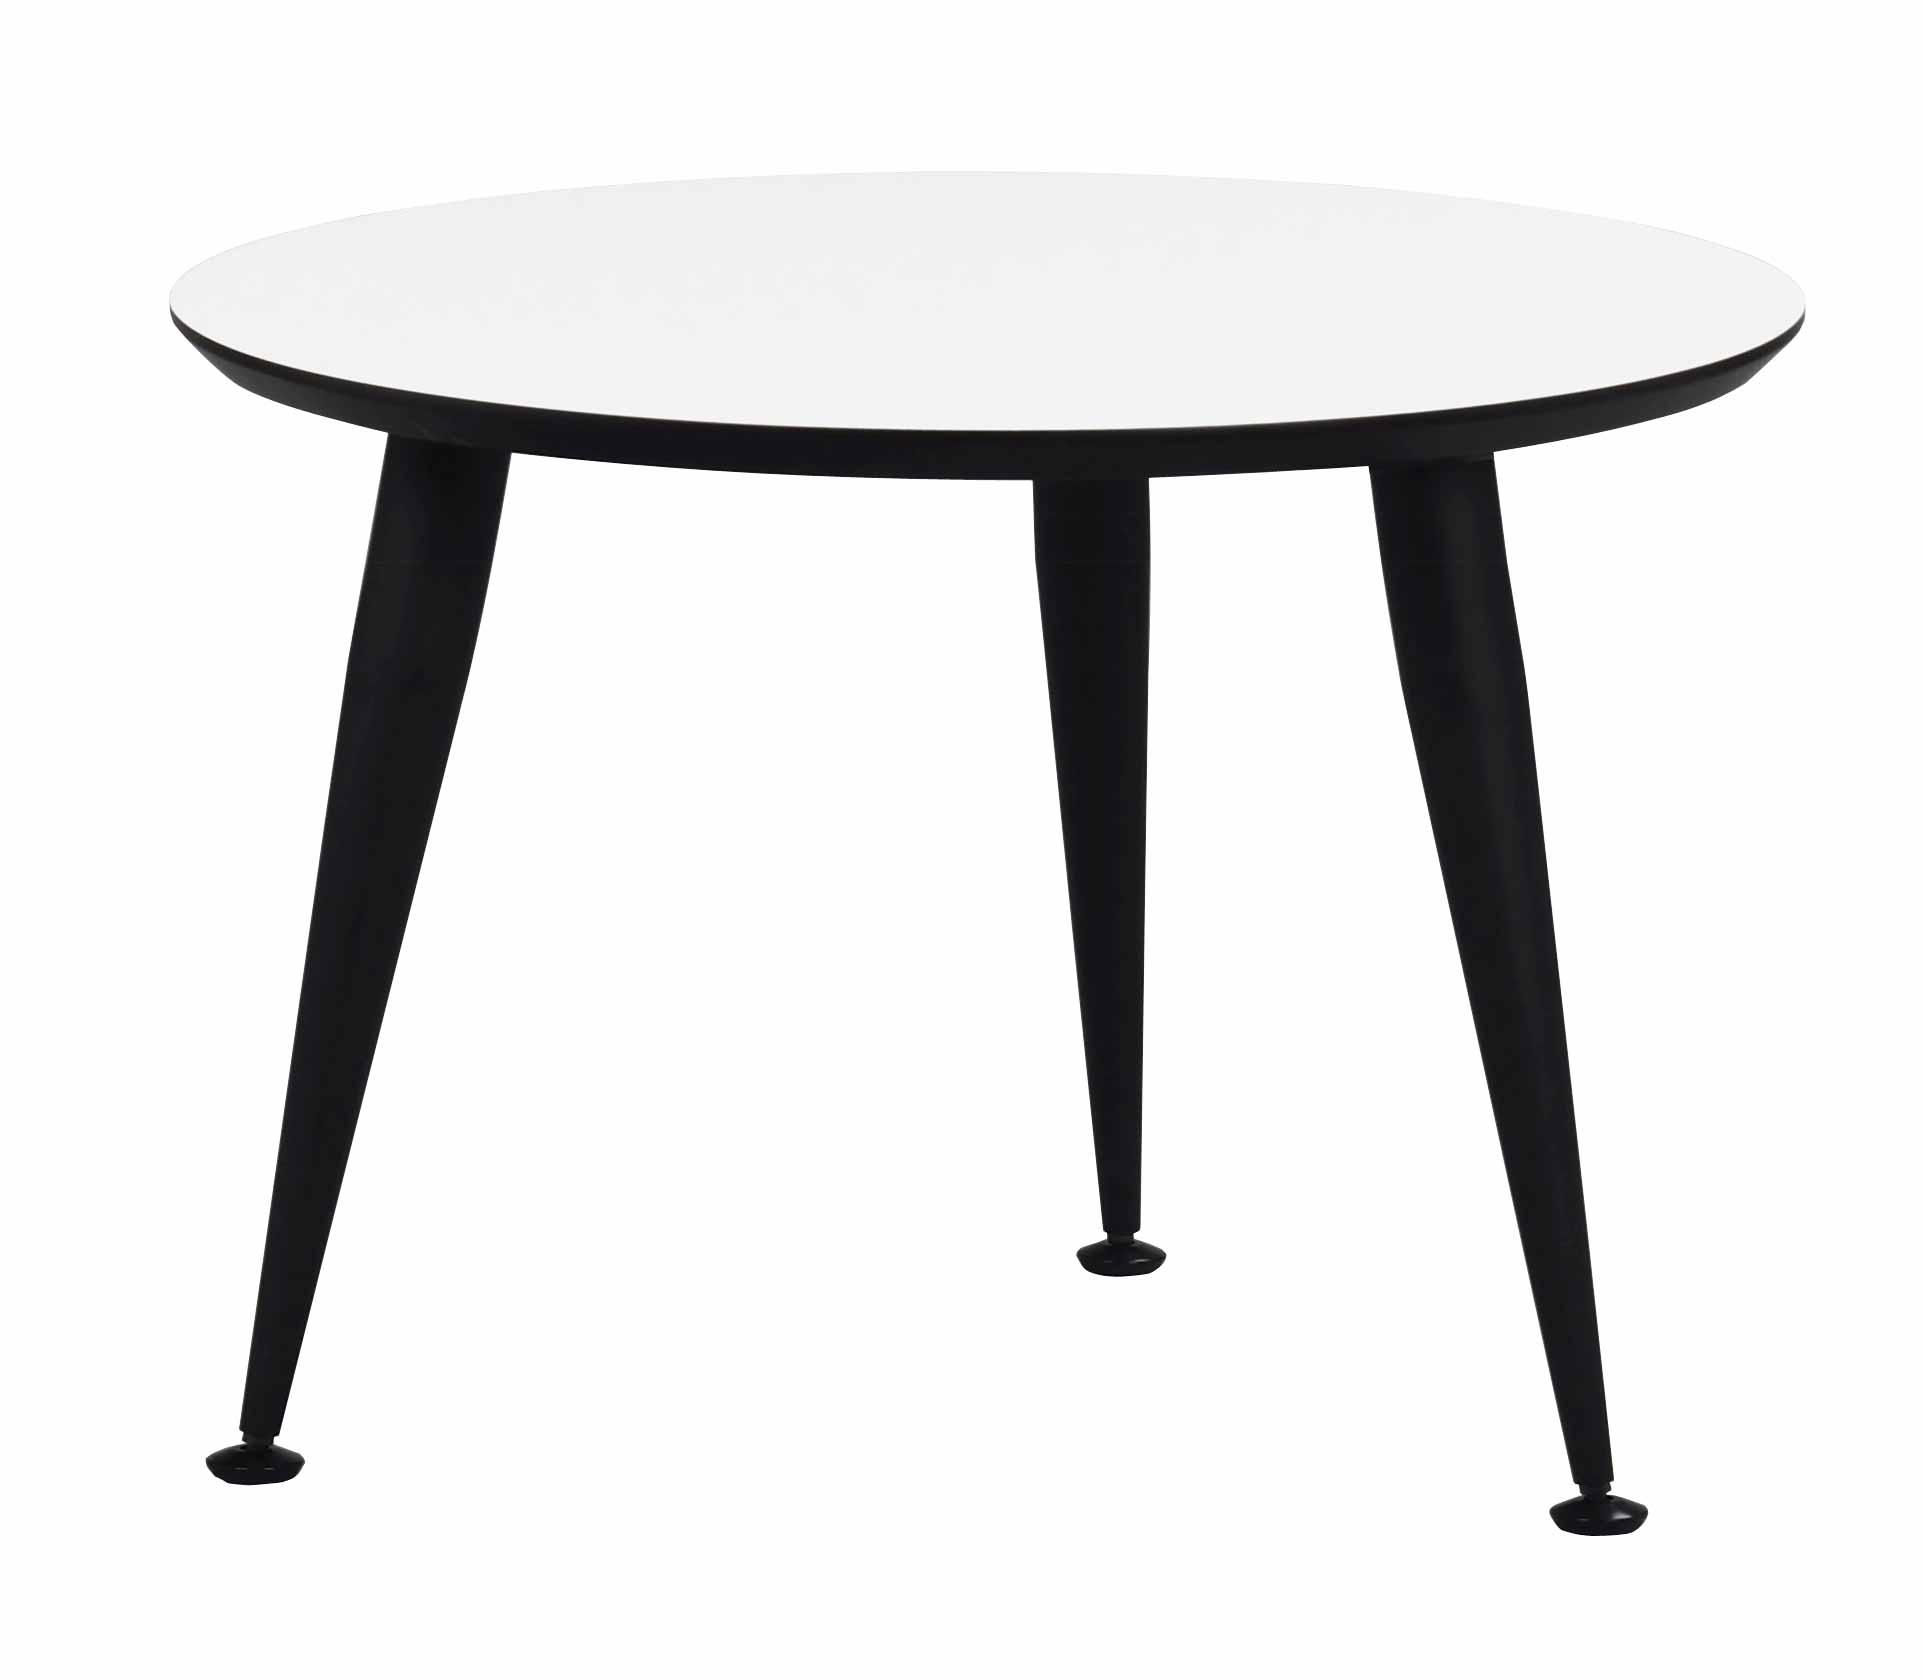 Strike sofabord - Hvidt træ, sort stål stel, rundt (Ø:56)